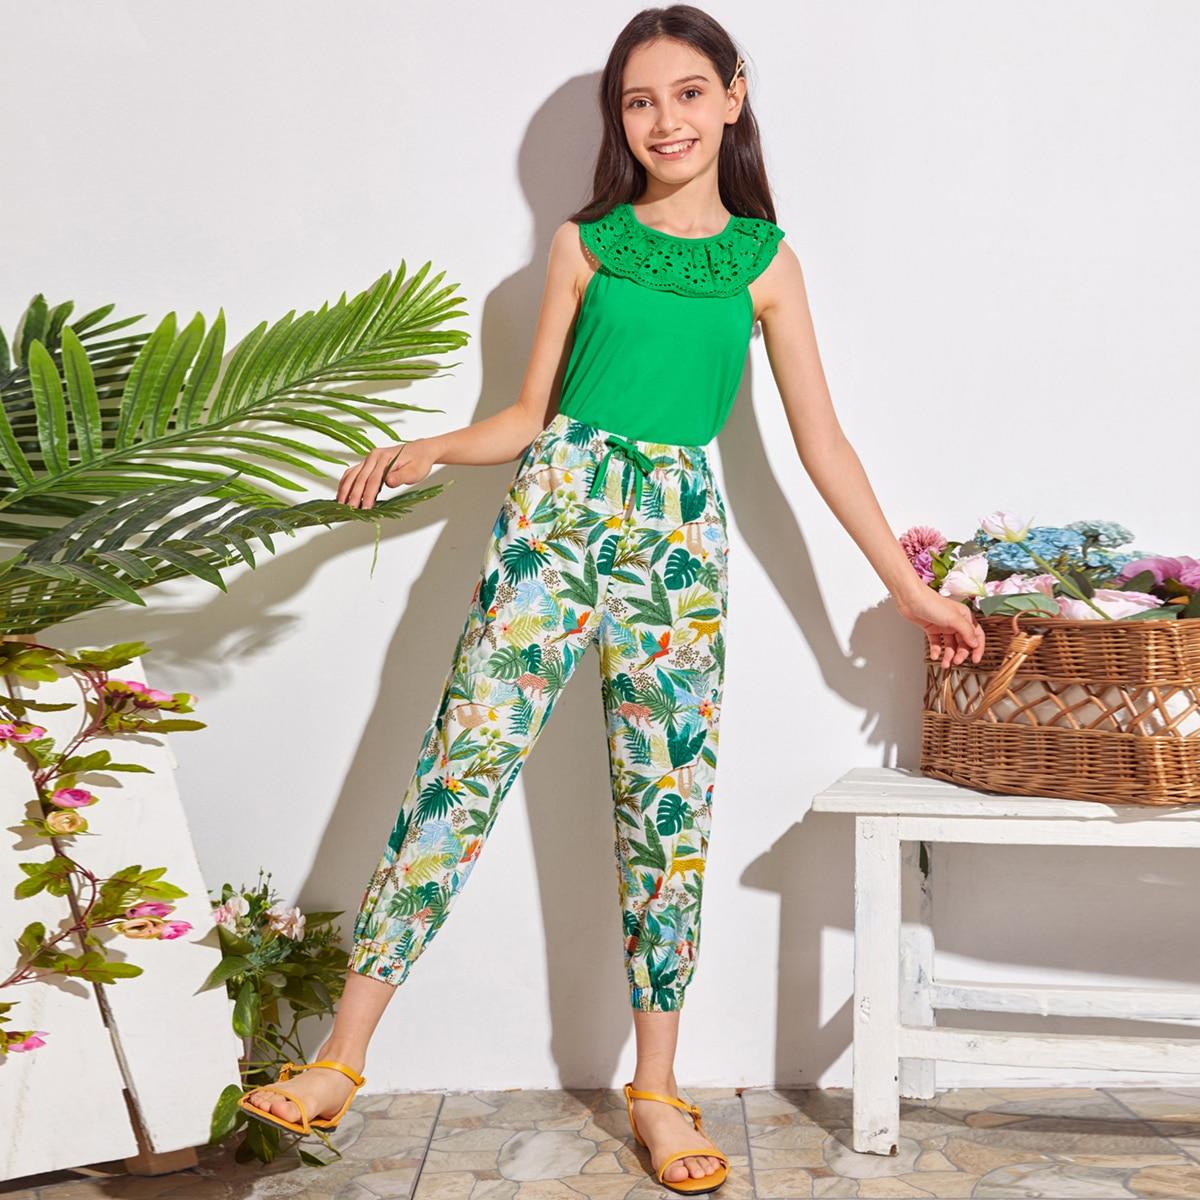 Топ с вышивкой и брюки с тропическим принтом для девочек фото